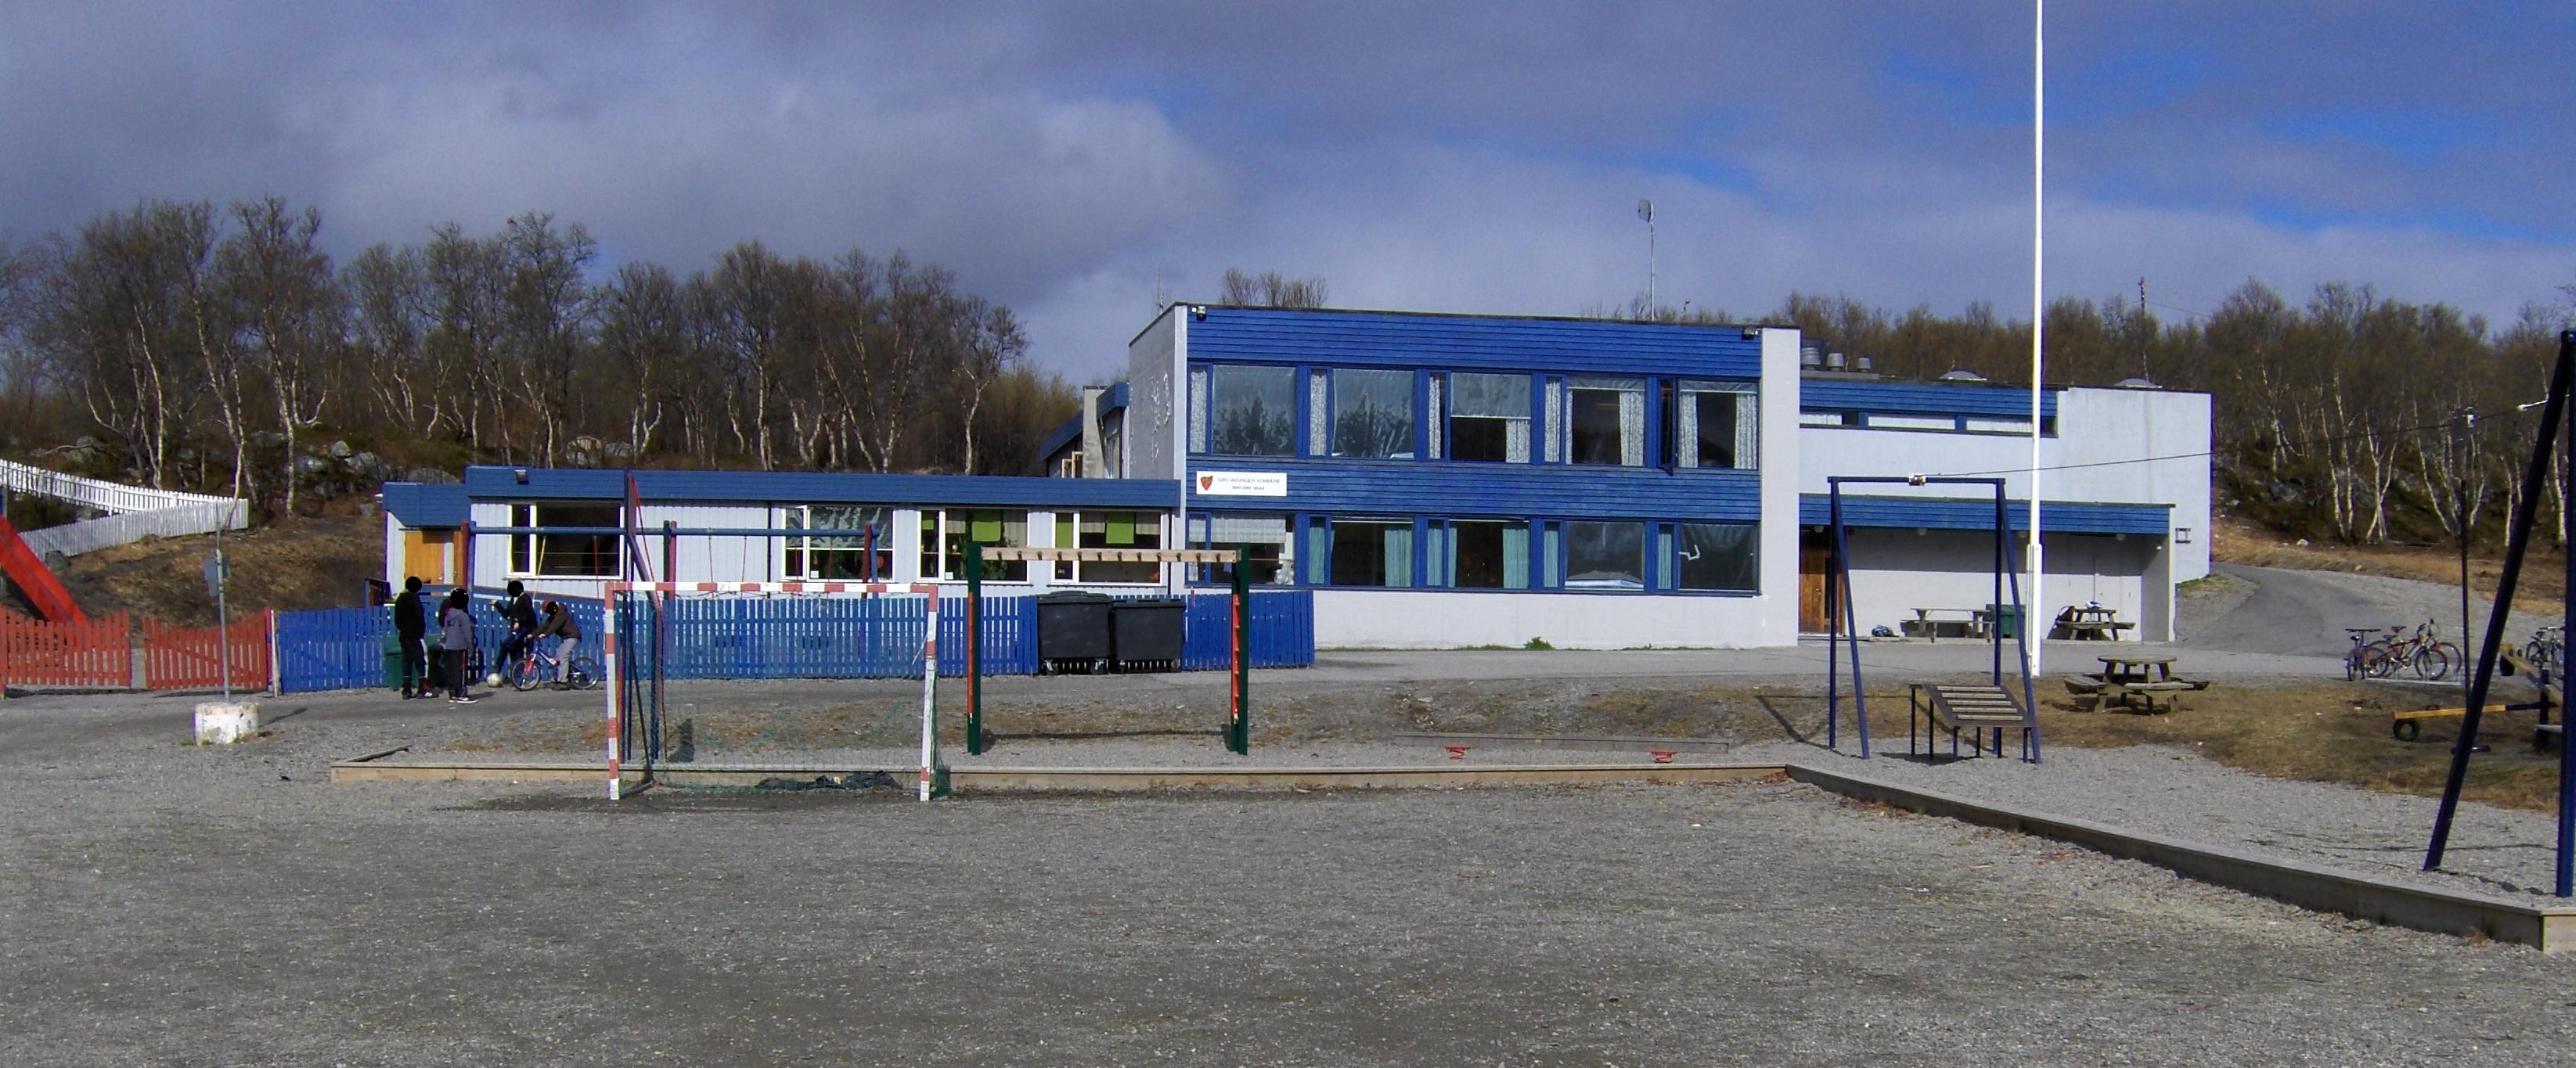 Bøkfjord skole.jpg